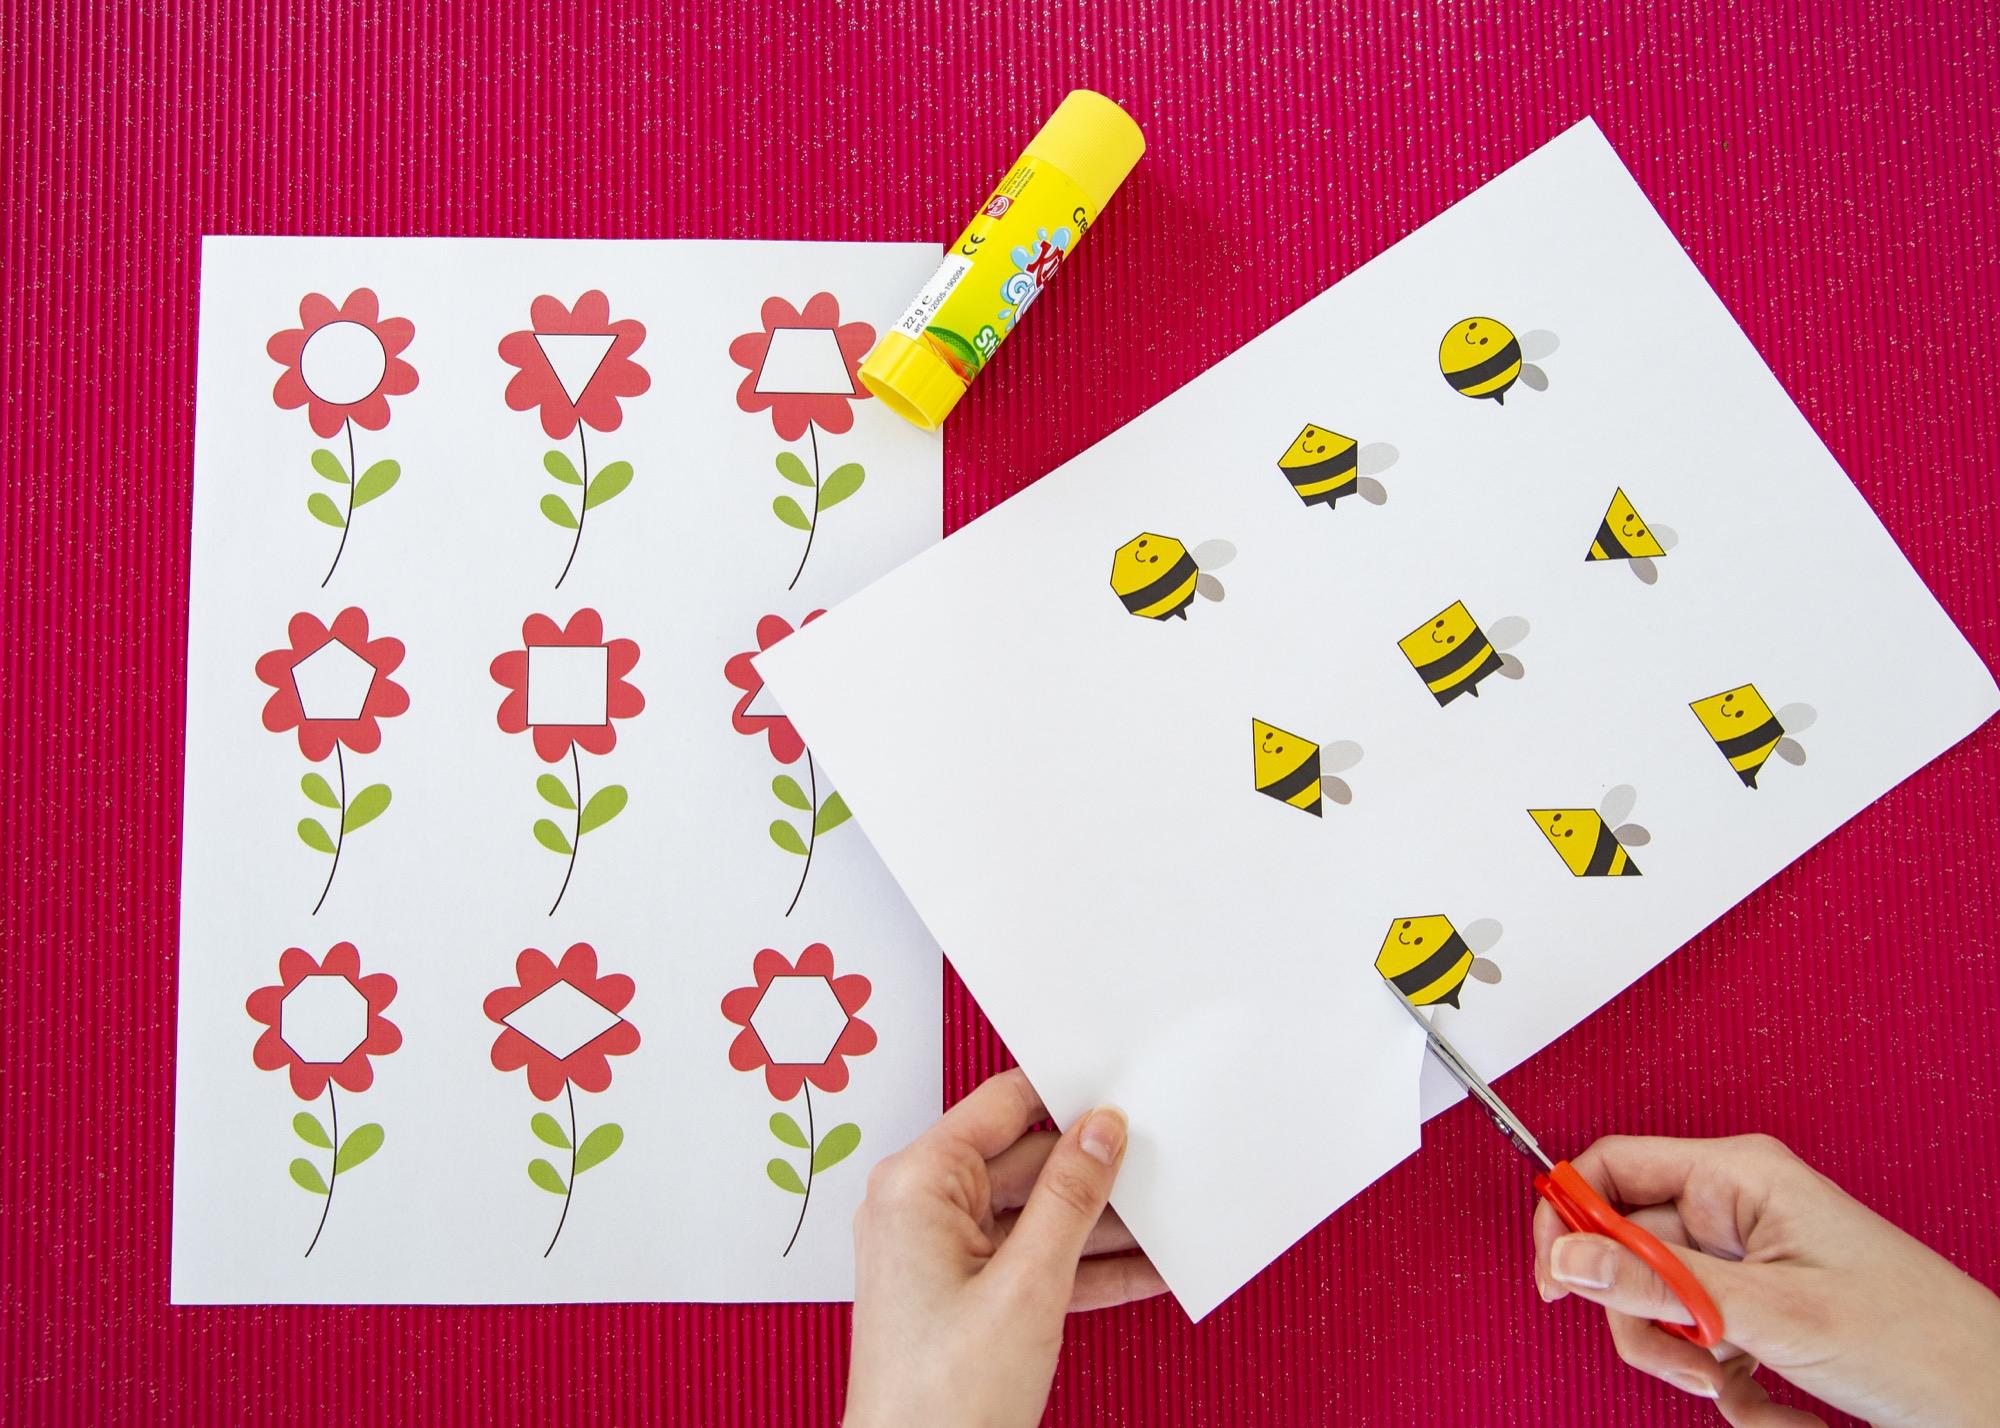 Des formes et des abeilles - étape 2